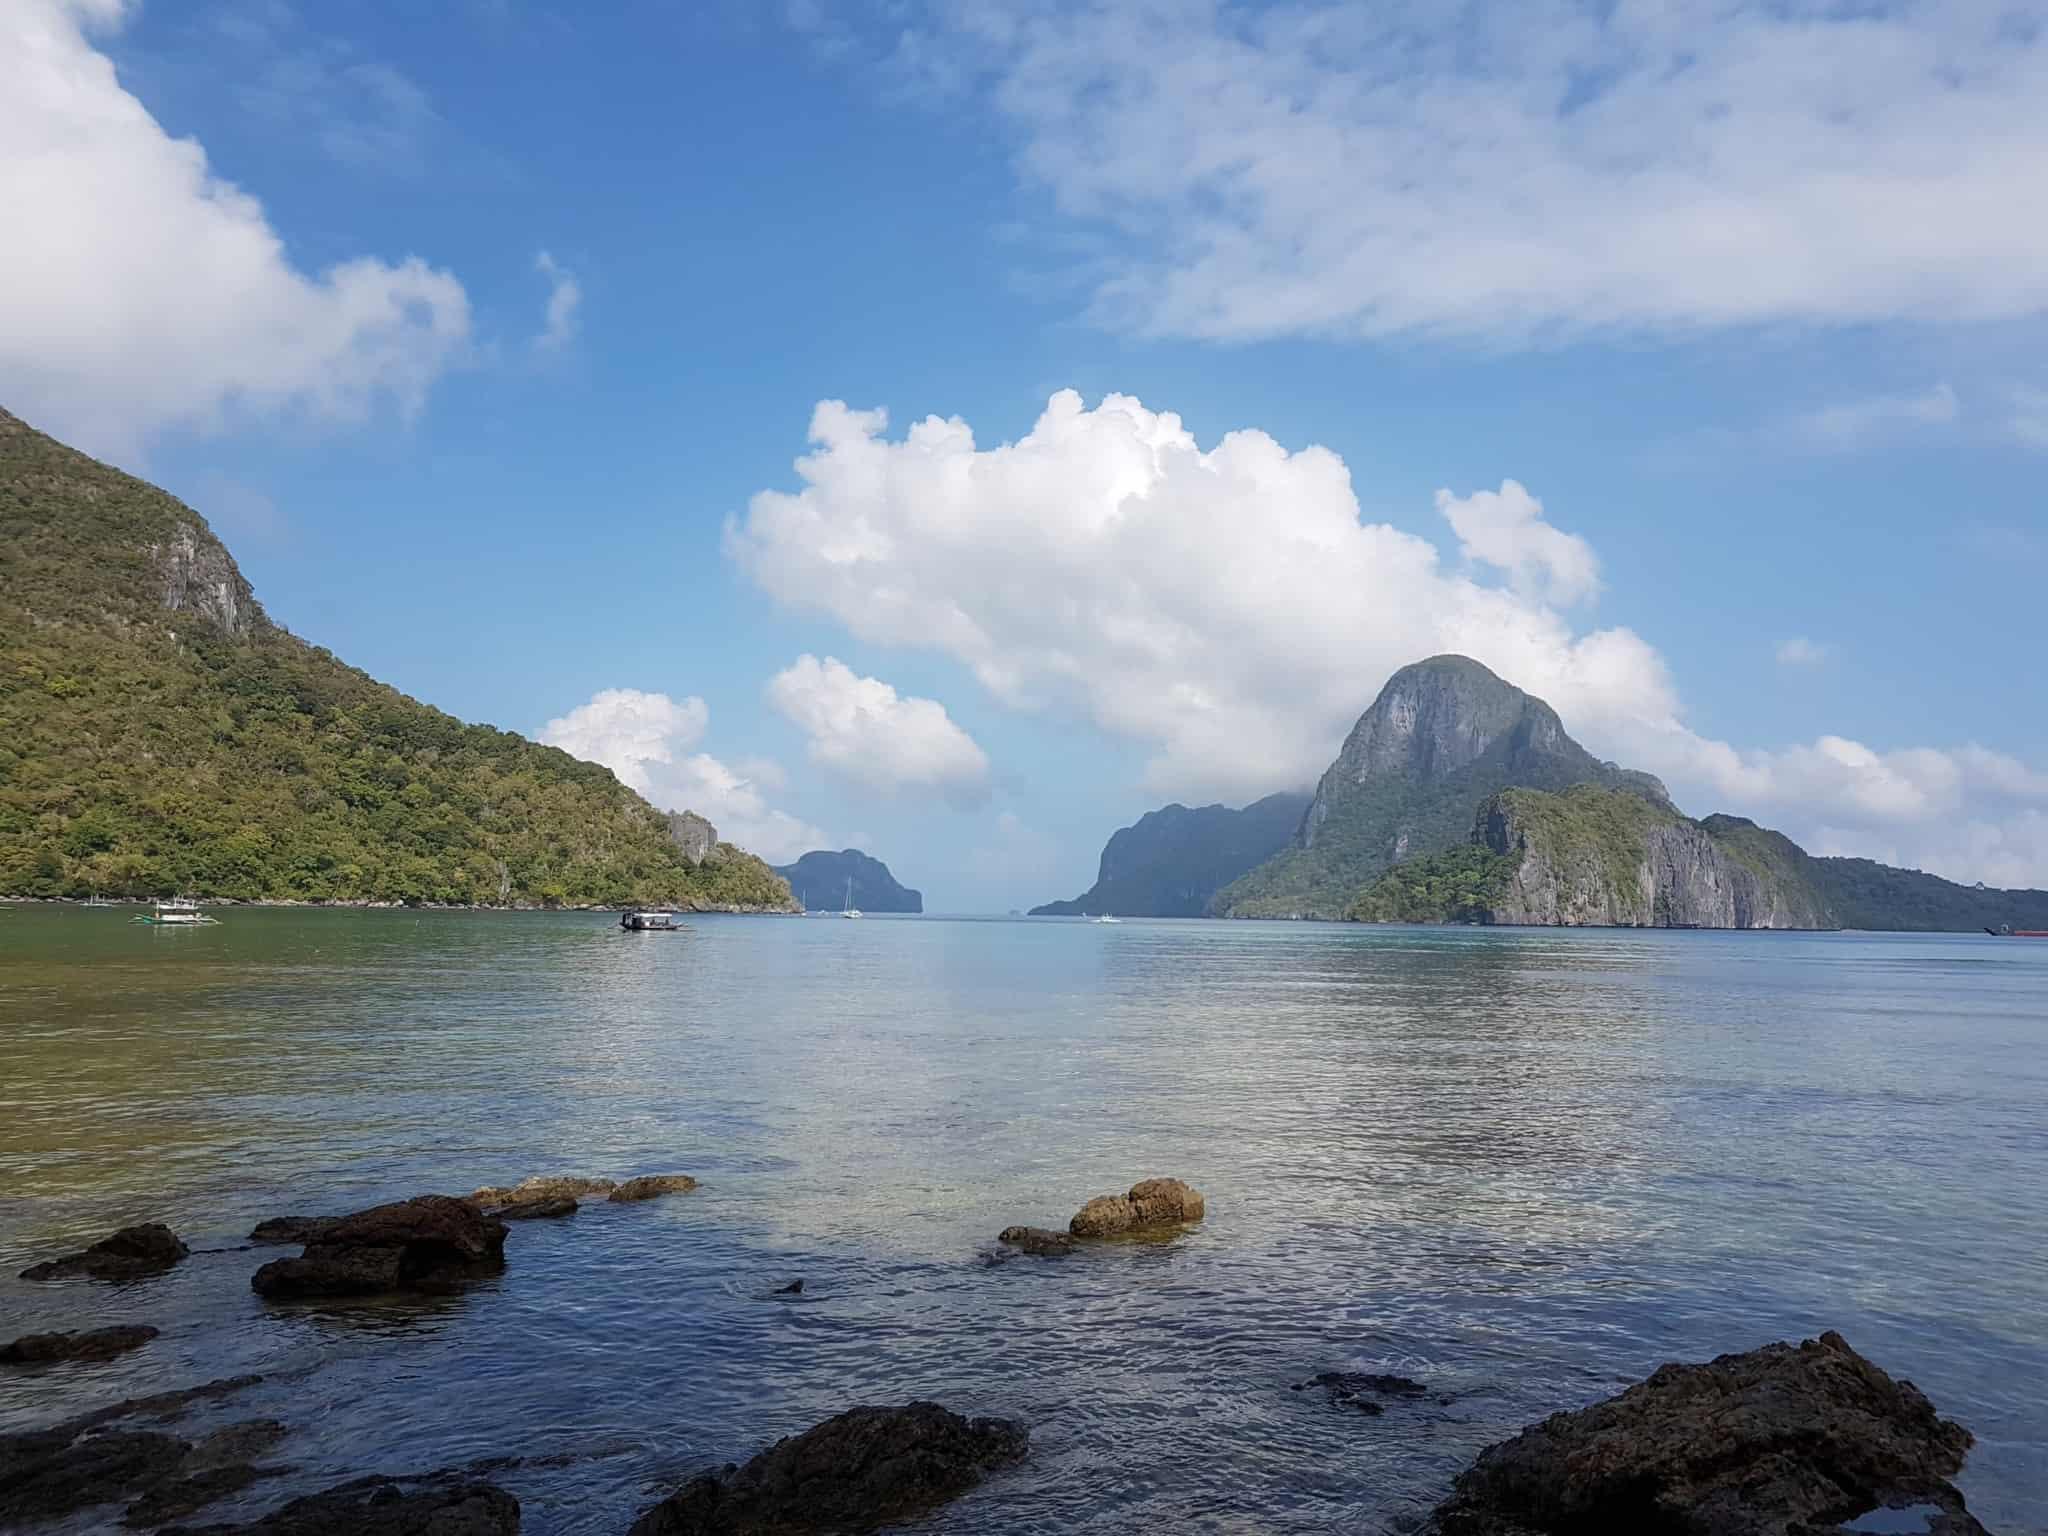 Philippines, El Nido et ses tours en bateau qui t'en mettent plein les yeux ⛵ 6